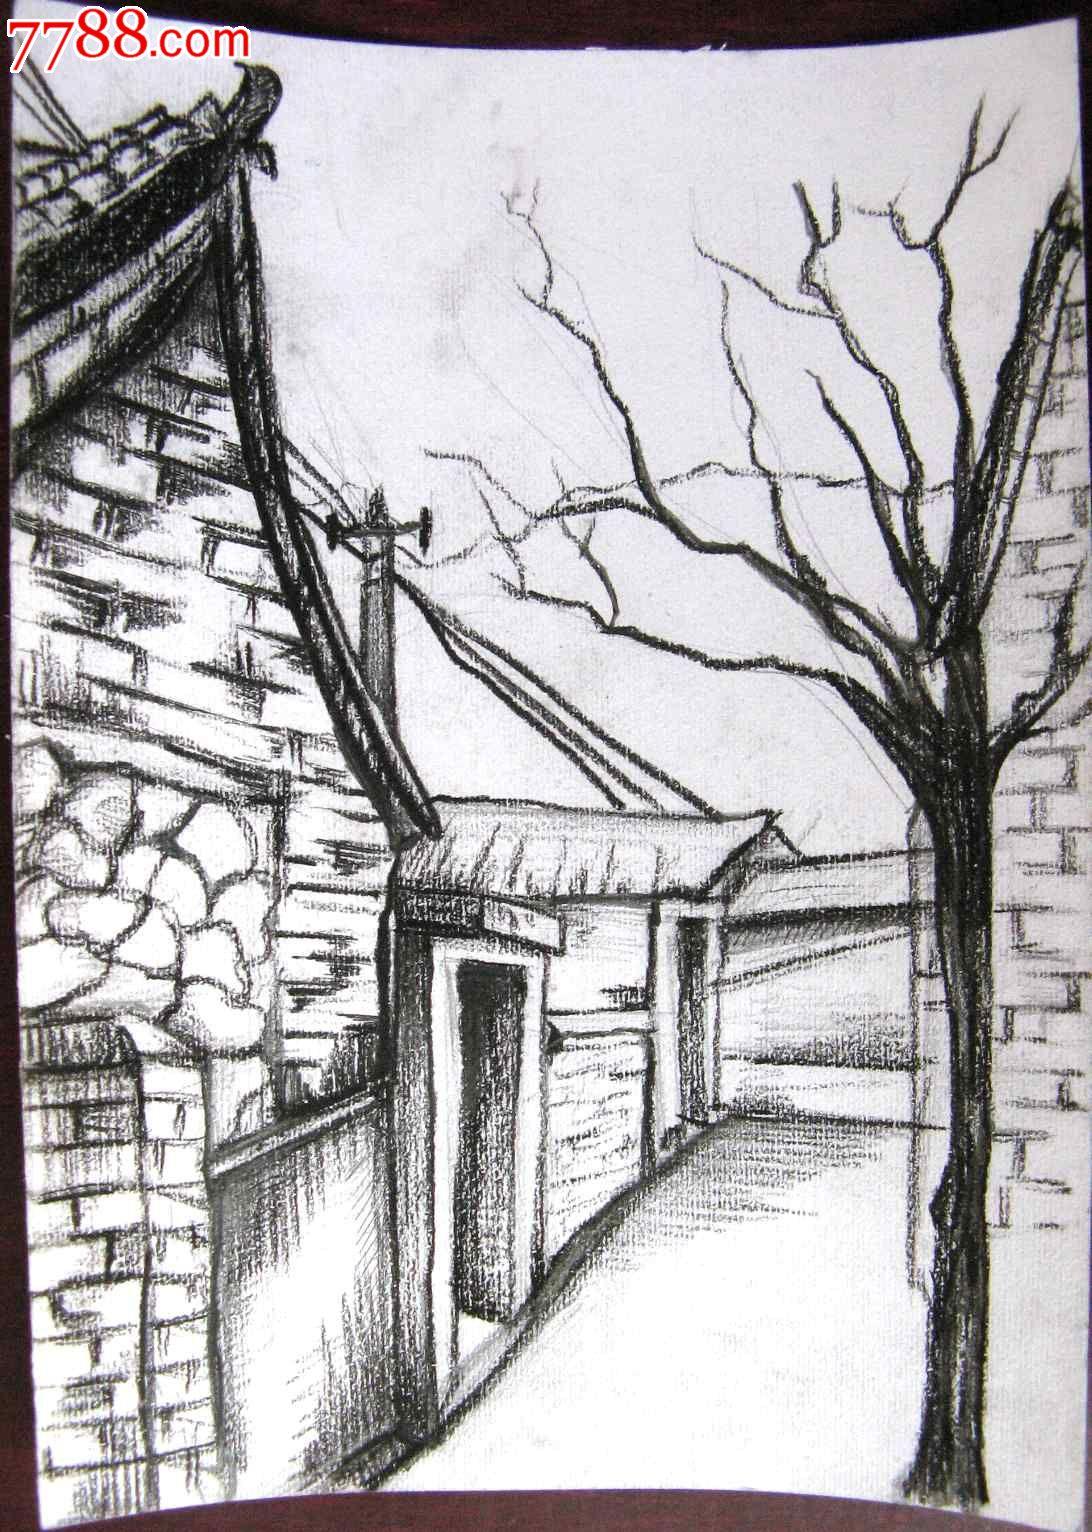 素描风景建筑画:小巷深处